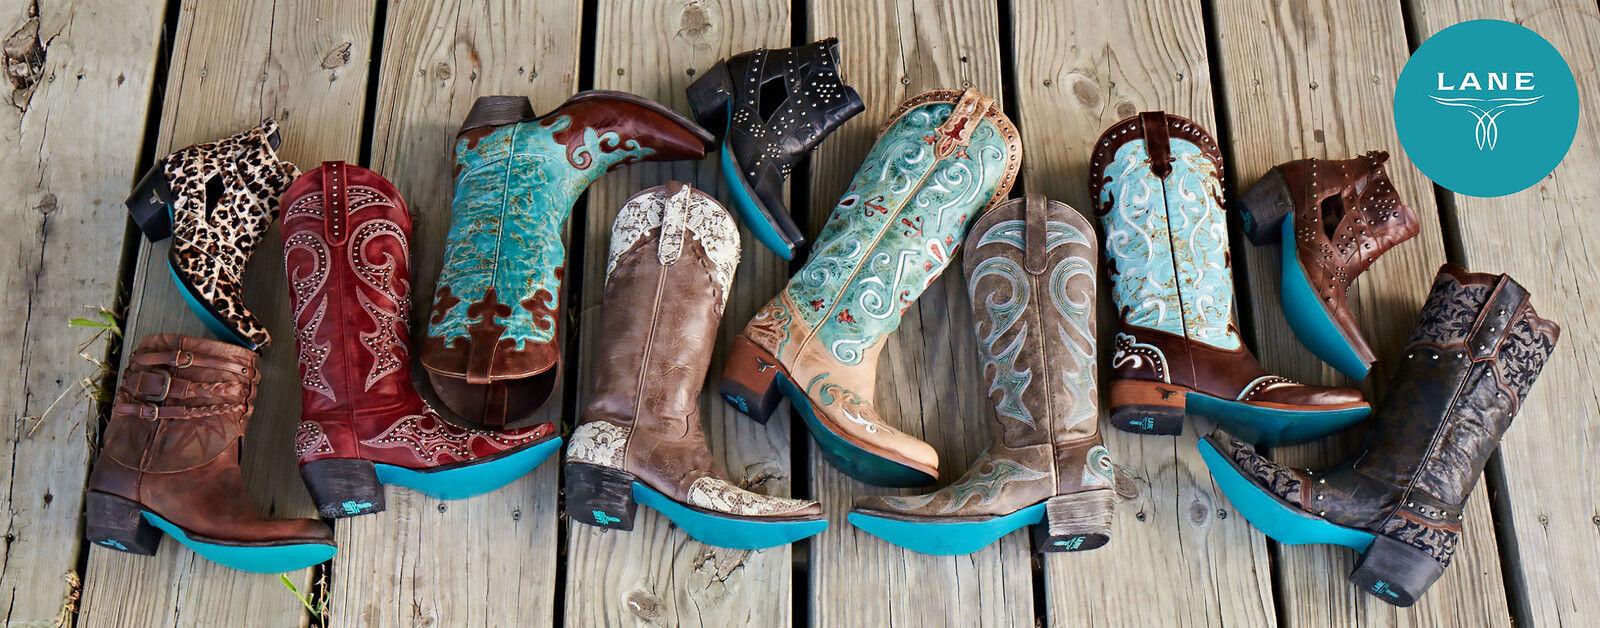 DanoBoots - Lane Boots Dealer